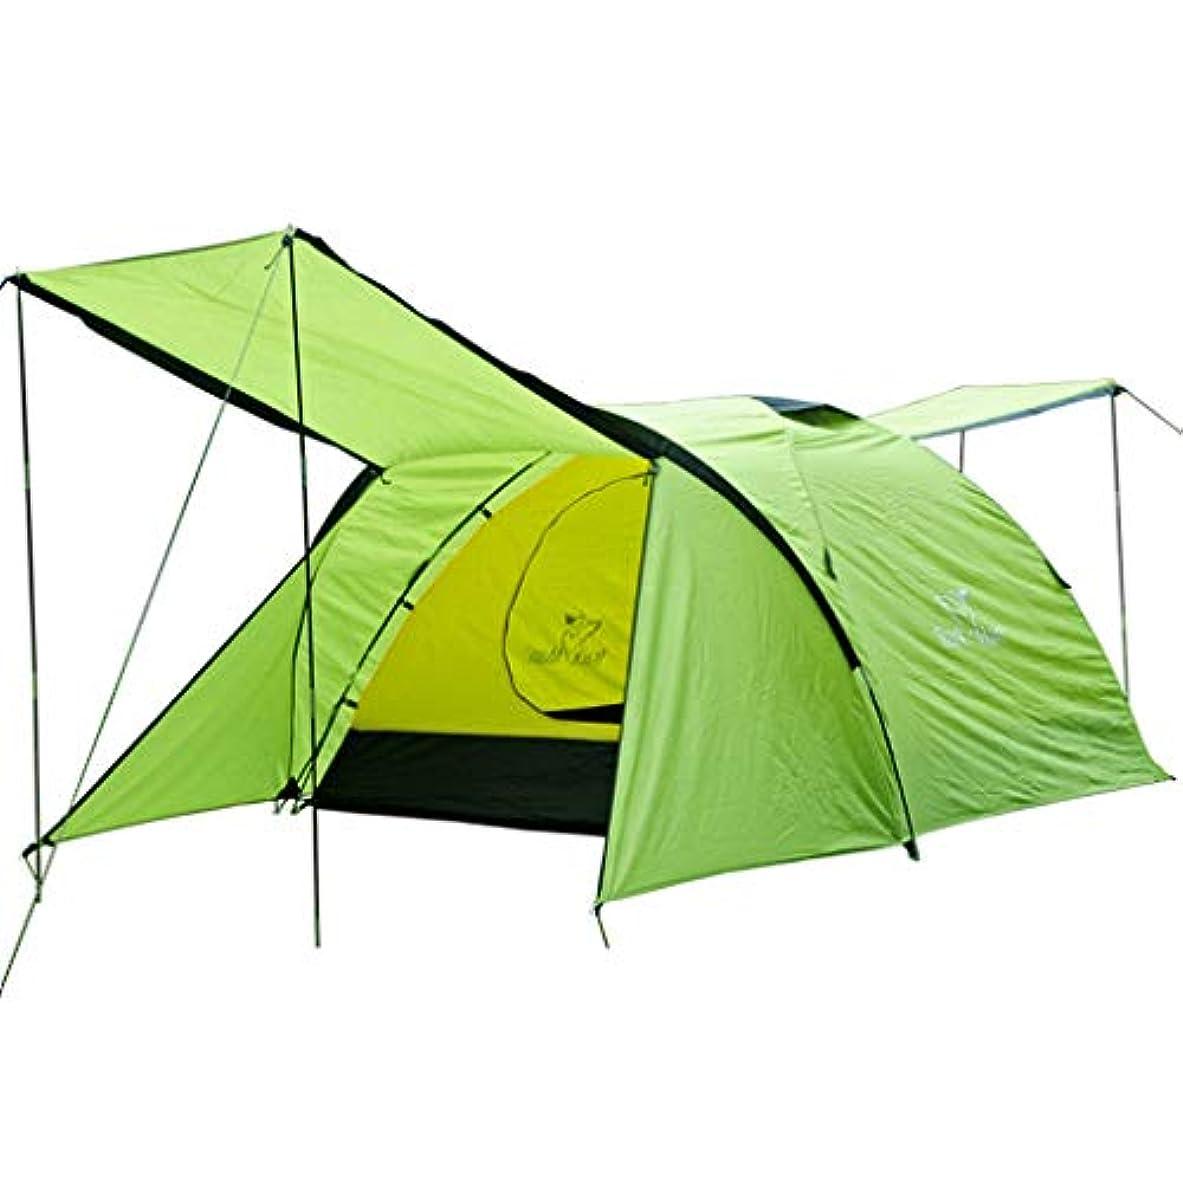 欺く死の顎蜜Roscloud 3-4人テントアウトドアフィールドキャンプダブルレイヤー防水ビッグテント